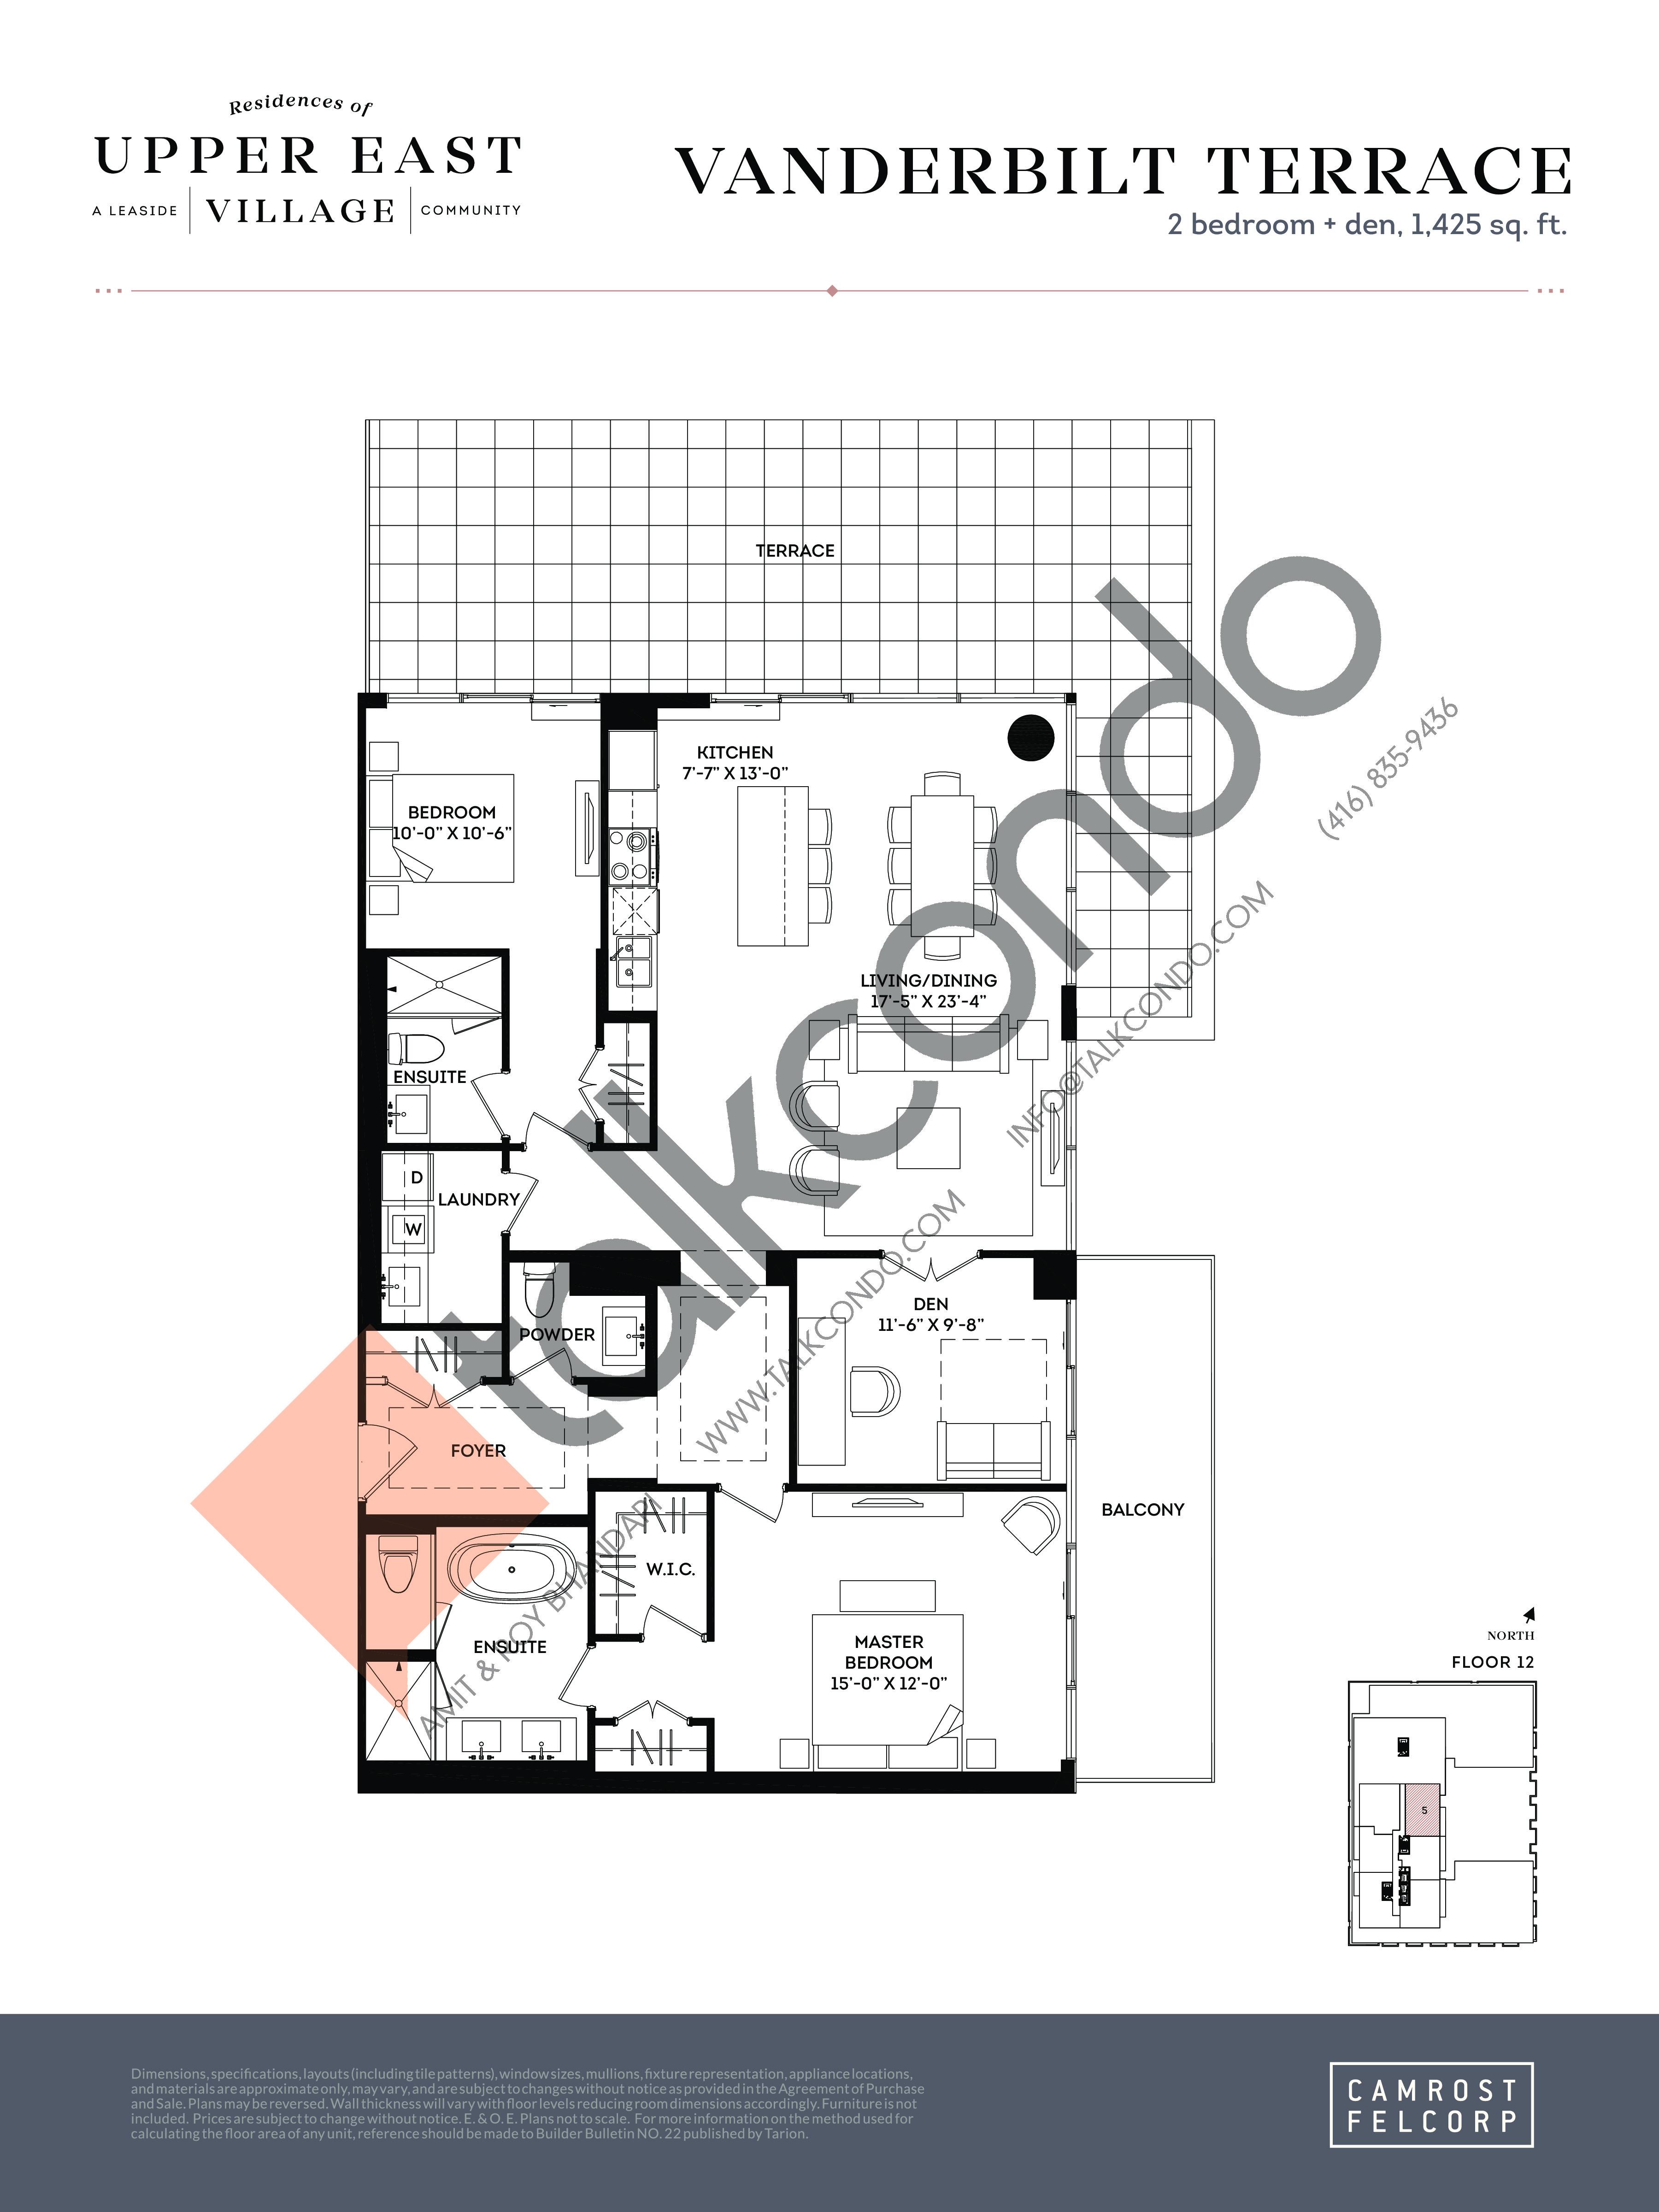 Vanderbilt Terrace Floor Plan at Upper East Village Condos - 1425 sq.ft